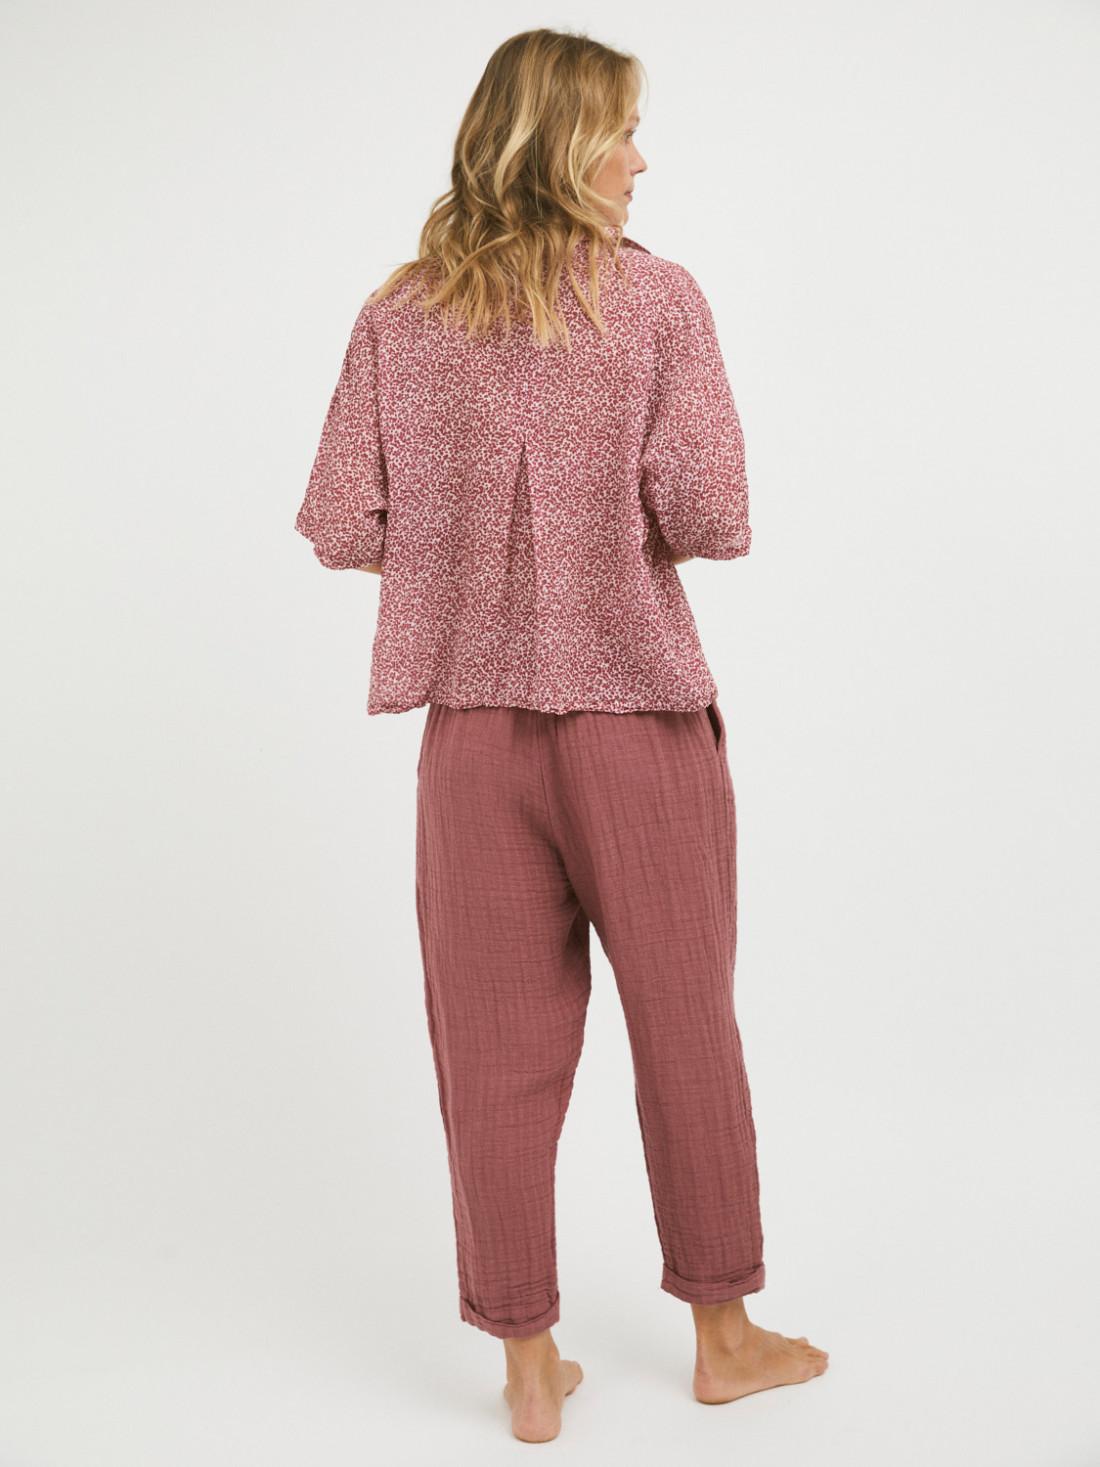 Pantalón algodón - lino casis, amplio y tobillero 50% algodón, 50% lino